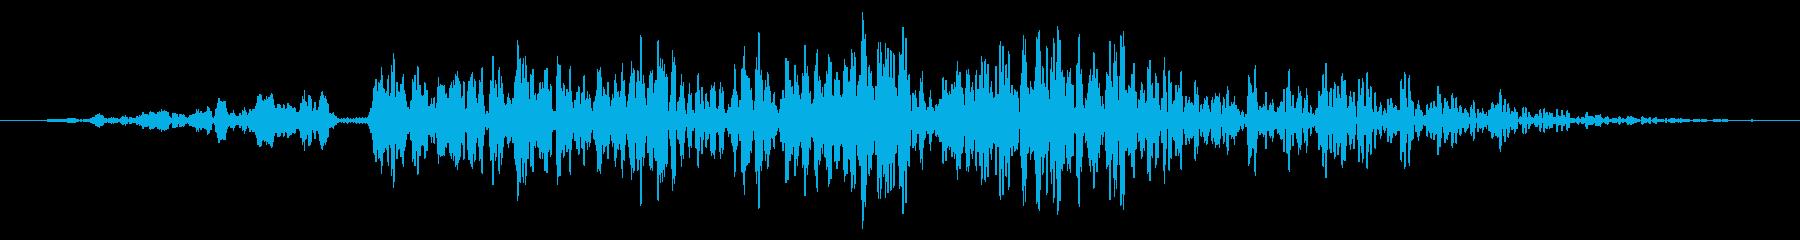 大規模な爆発:低頻度の影響とゴロゴ...の再生済みの波形